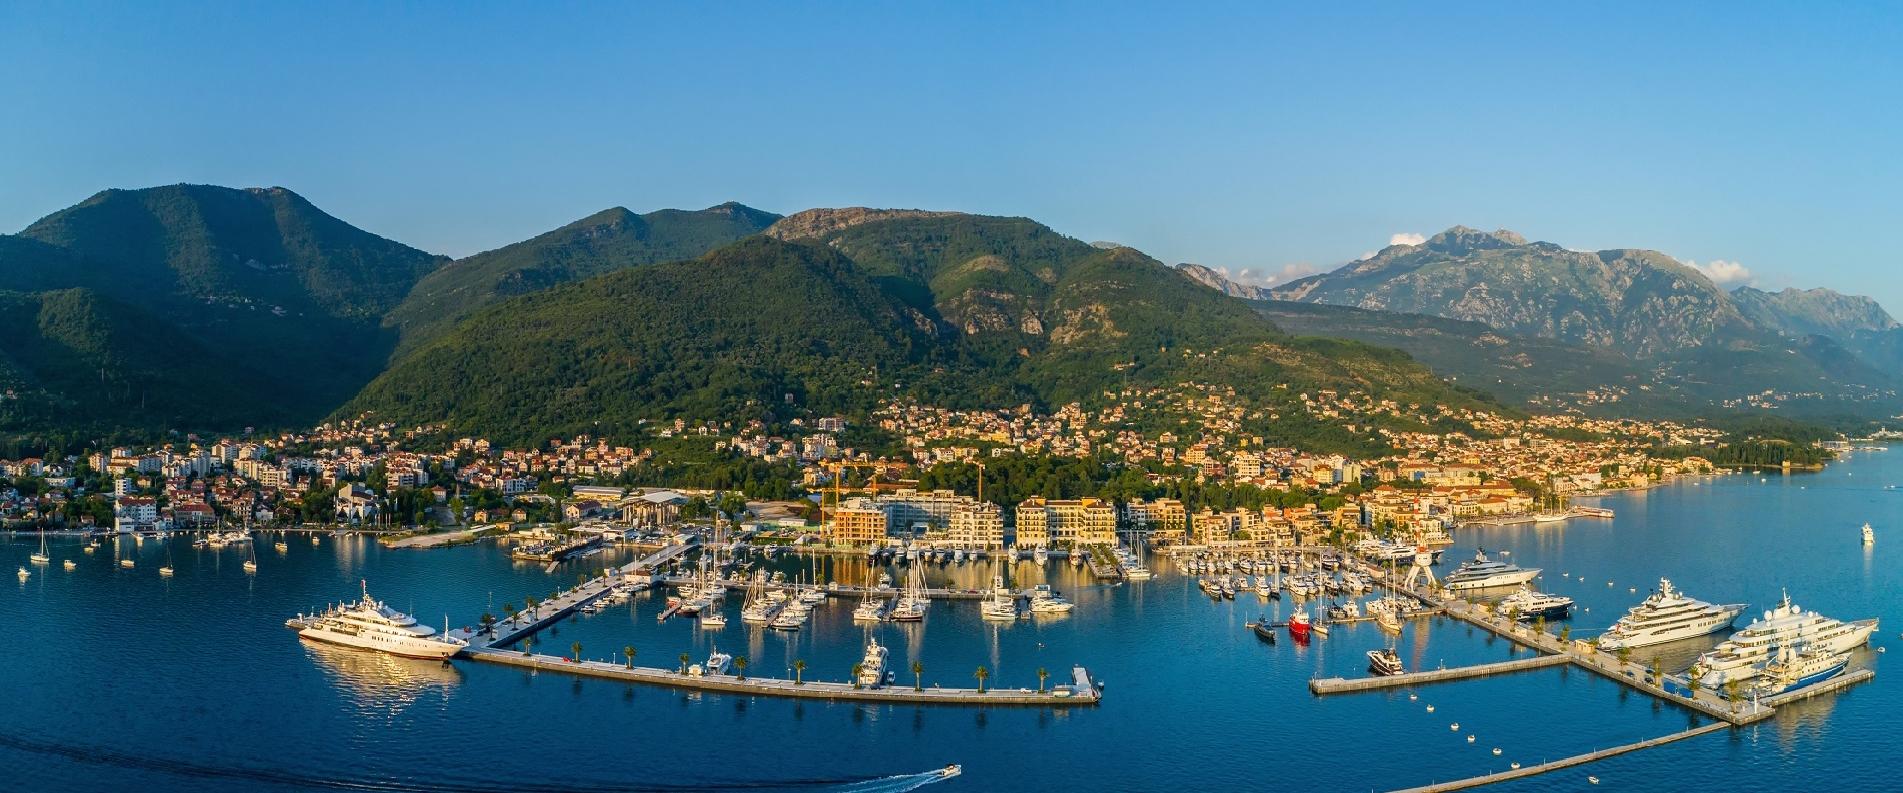 Куда сходить в Тивате: все возможности Порто Монтенегро, памятники, древние села, рестораны, пляжи